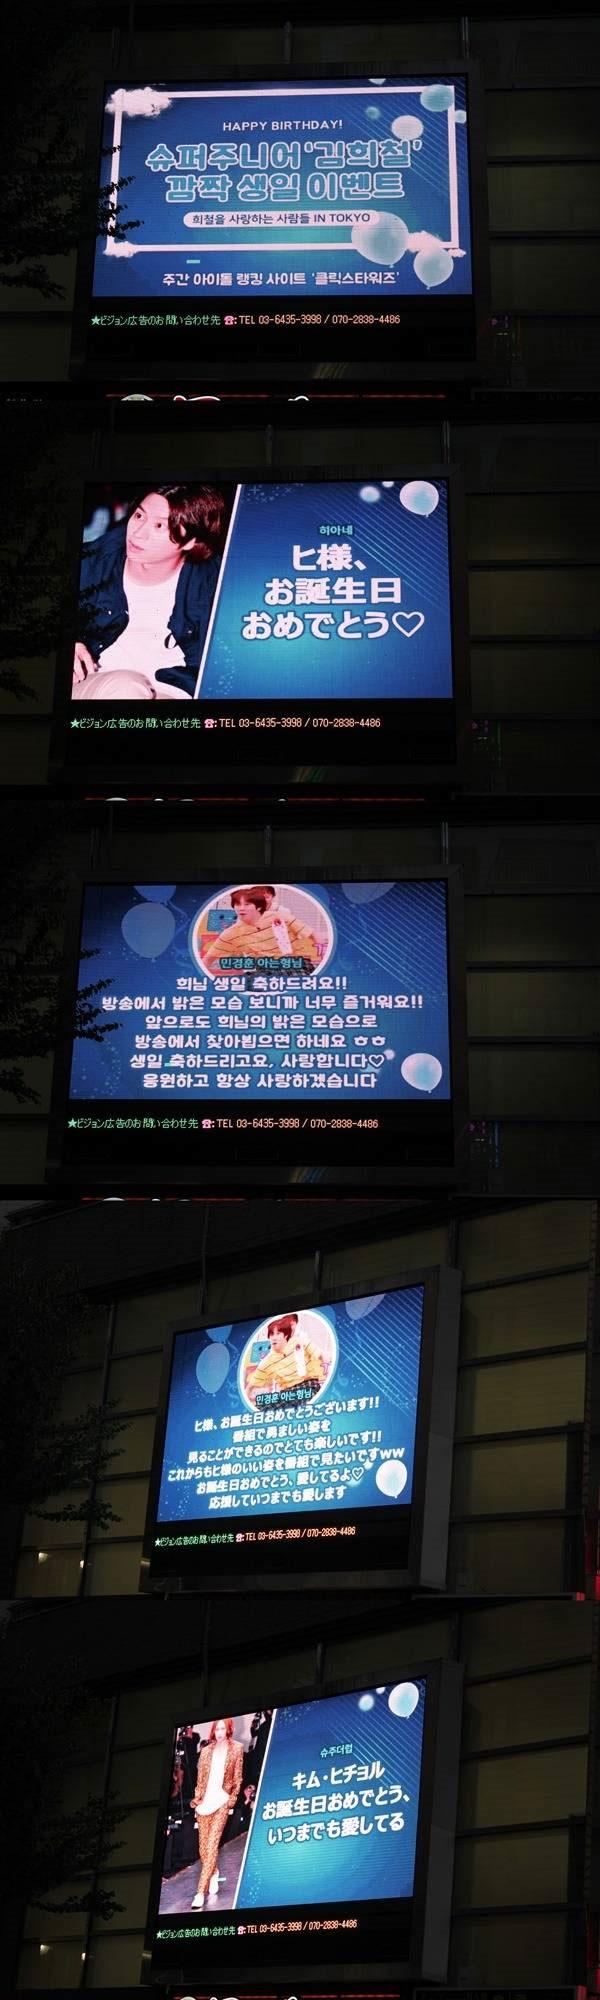 日本と韓国のファンがSUPER JUNIOR ヒチョルの誕生日を祝った。|Click! StarWars